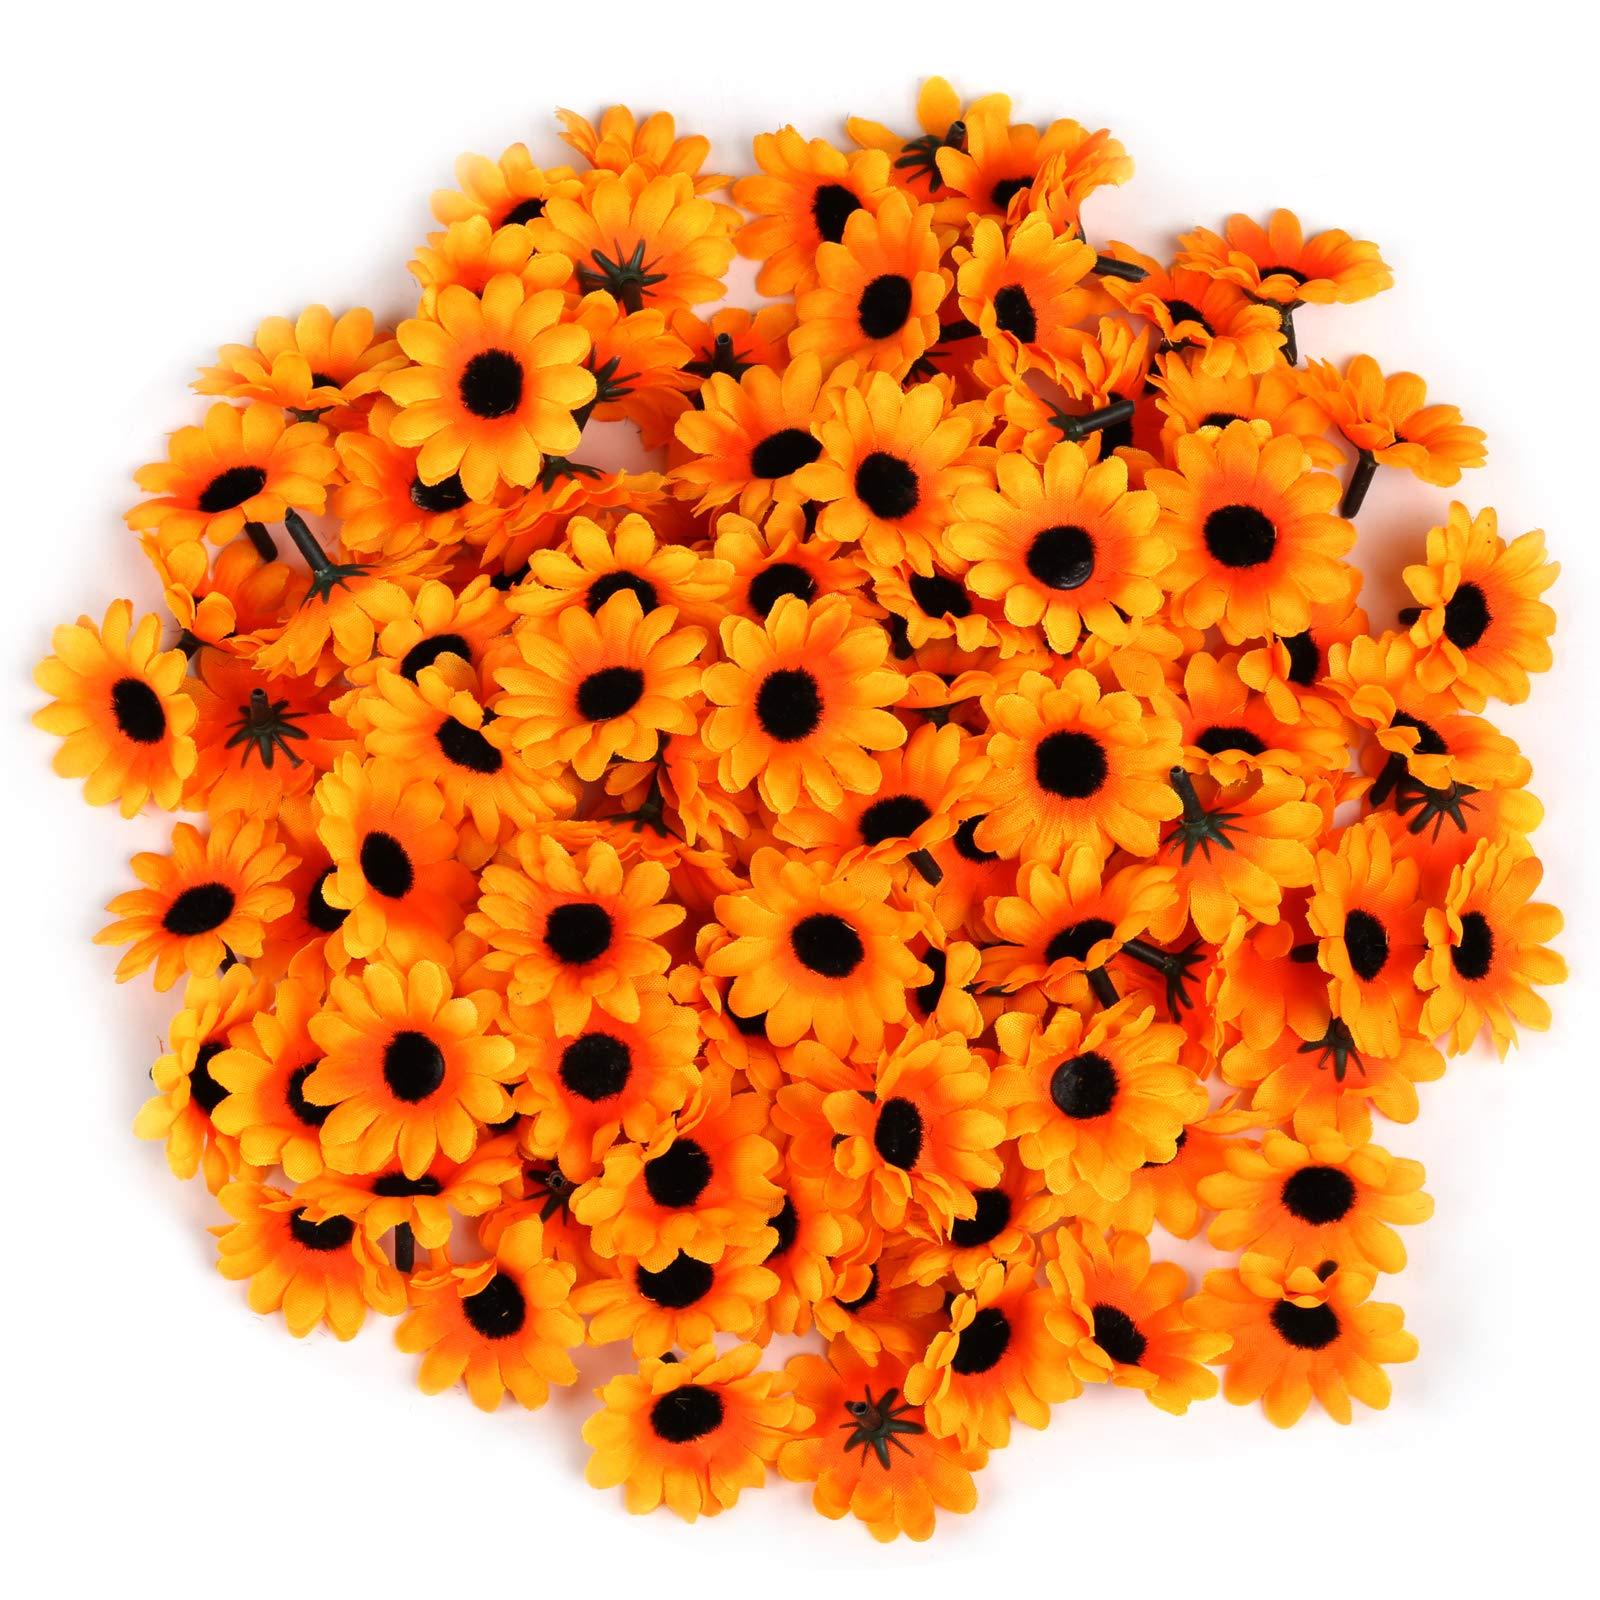 Naler 120 Margaritas Artificiales Pequeñas Cabezales De Flores Artificiales Decoración Boda Fiesta Diy Manualidades Color Amarillo